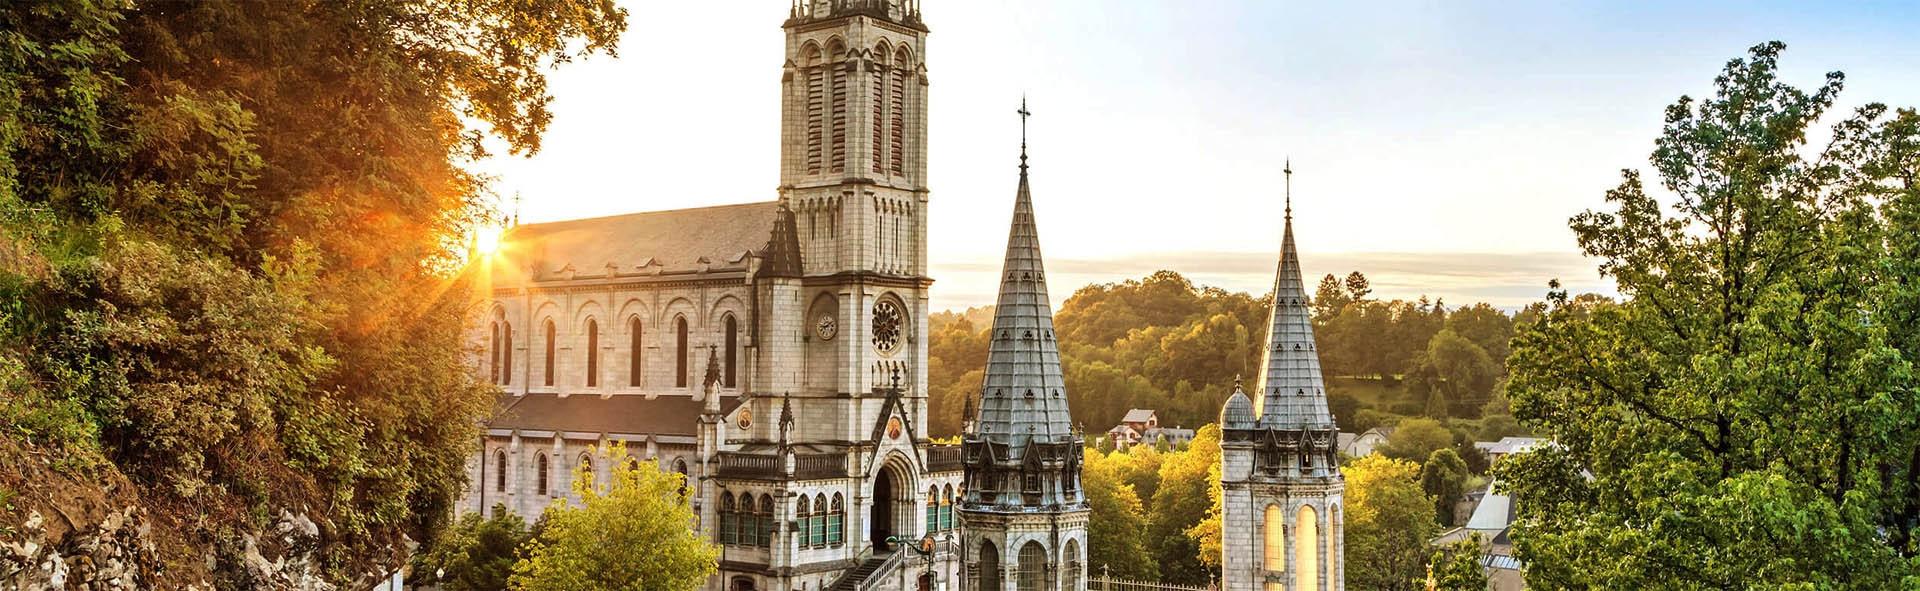 Viaggio a Lourdes in Aereo da Milano Ferragosto